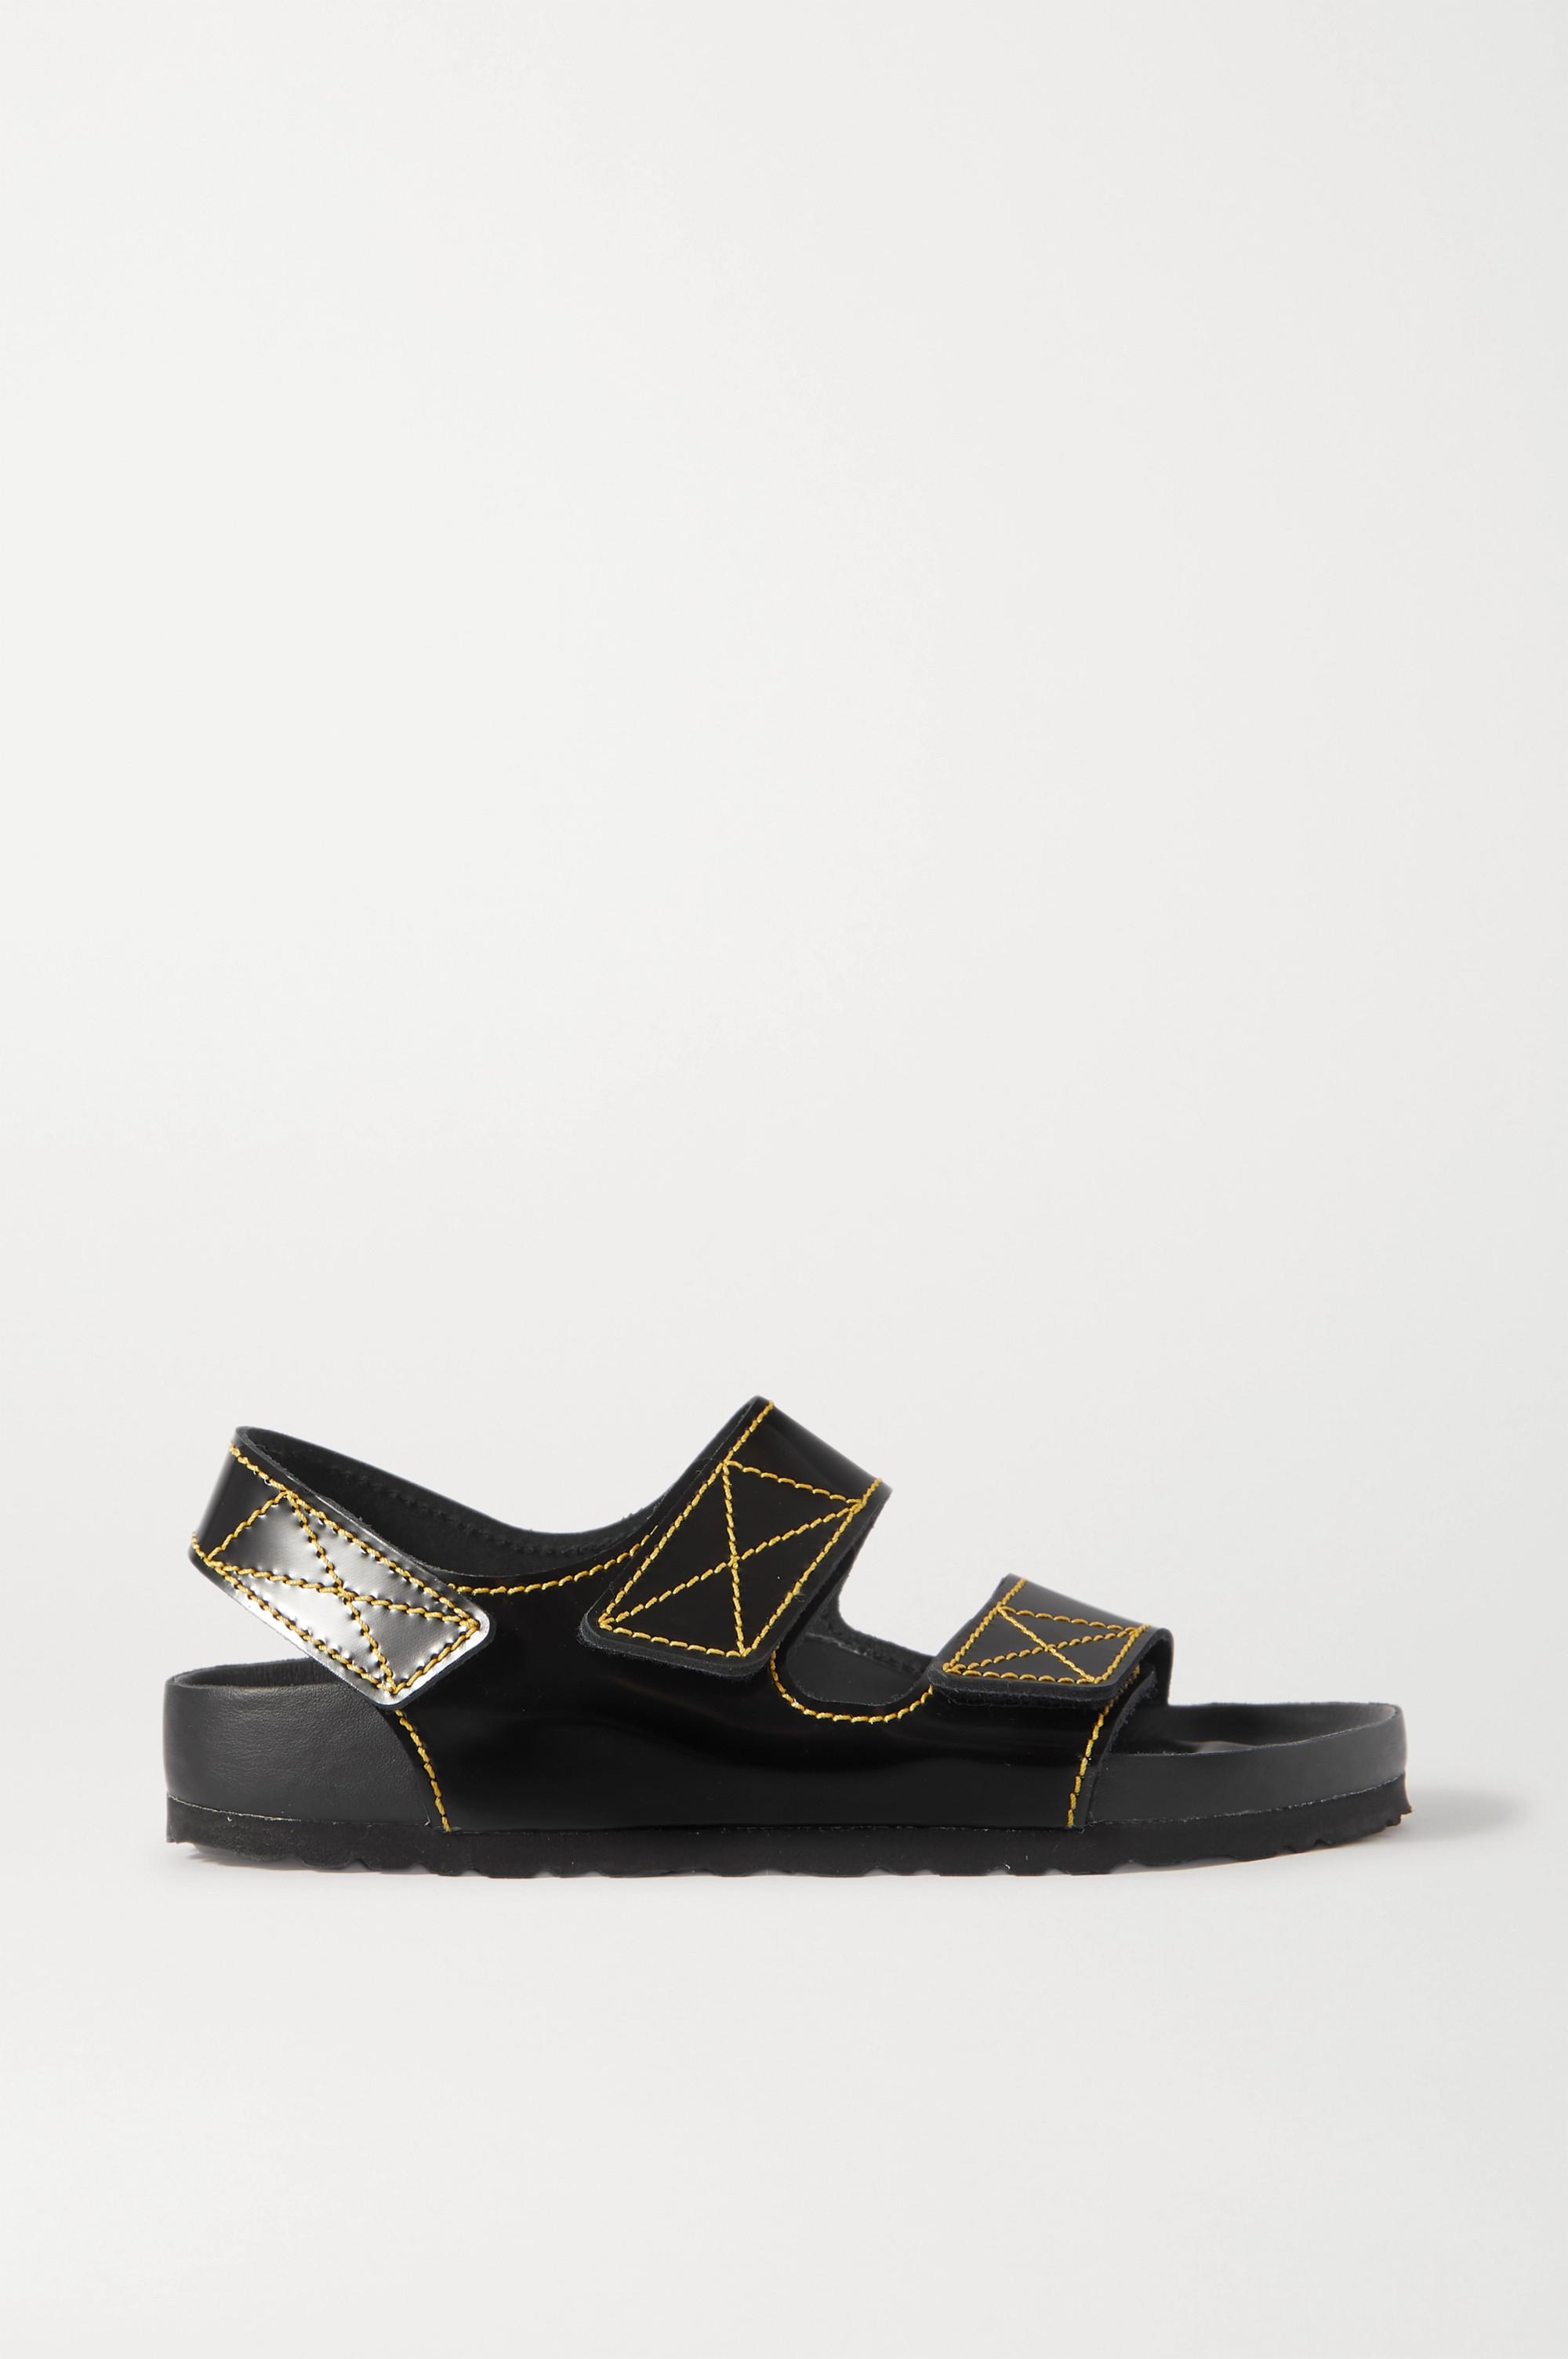 Proenza Schouler + Birkenstock Milano Slingback-Sandalen aus Glanzleder mit Kontrastnähten